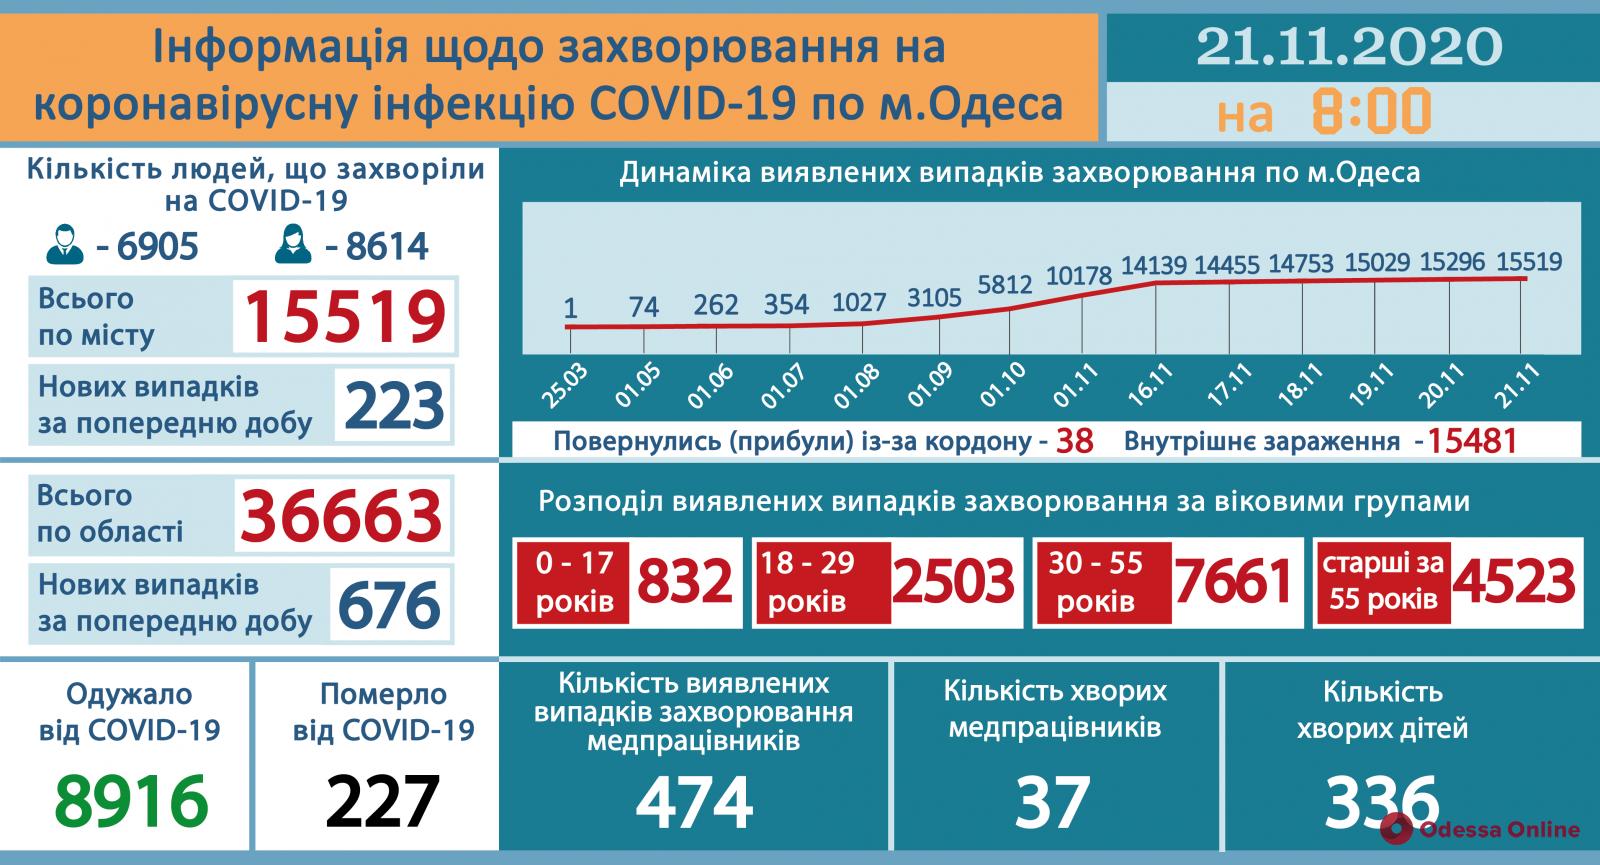 В Одесской области за сутки COVID-19 заболели 676 человек